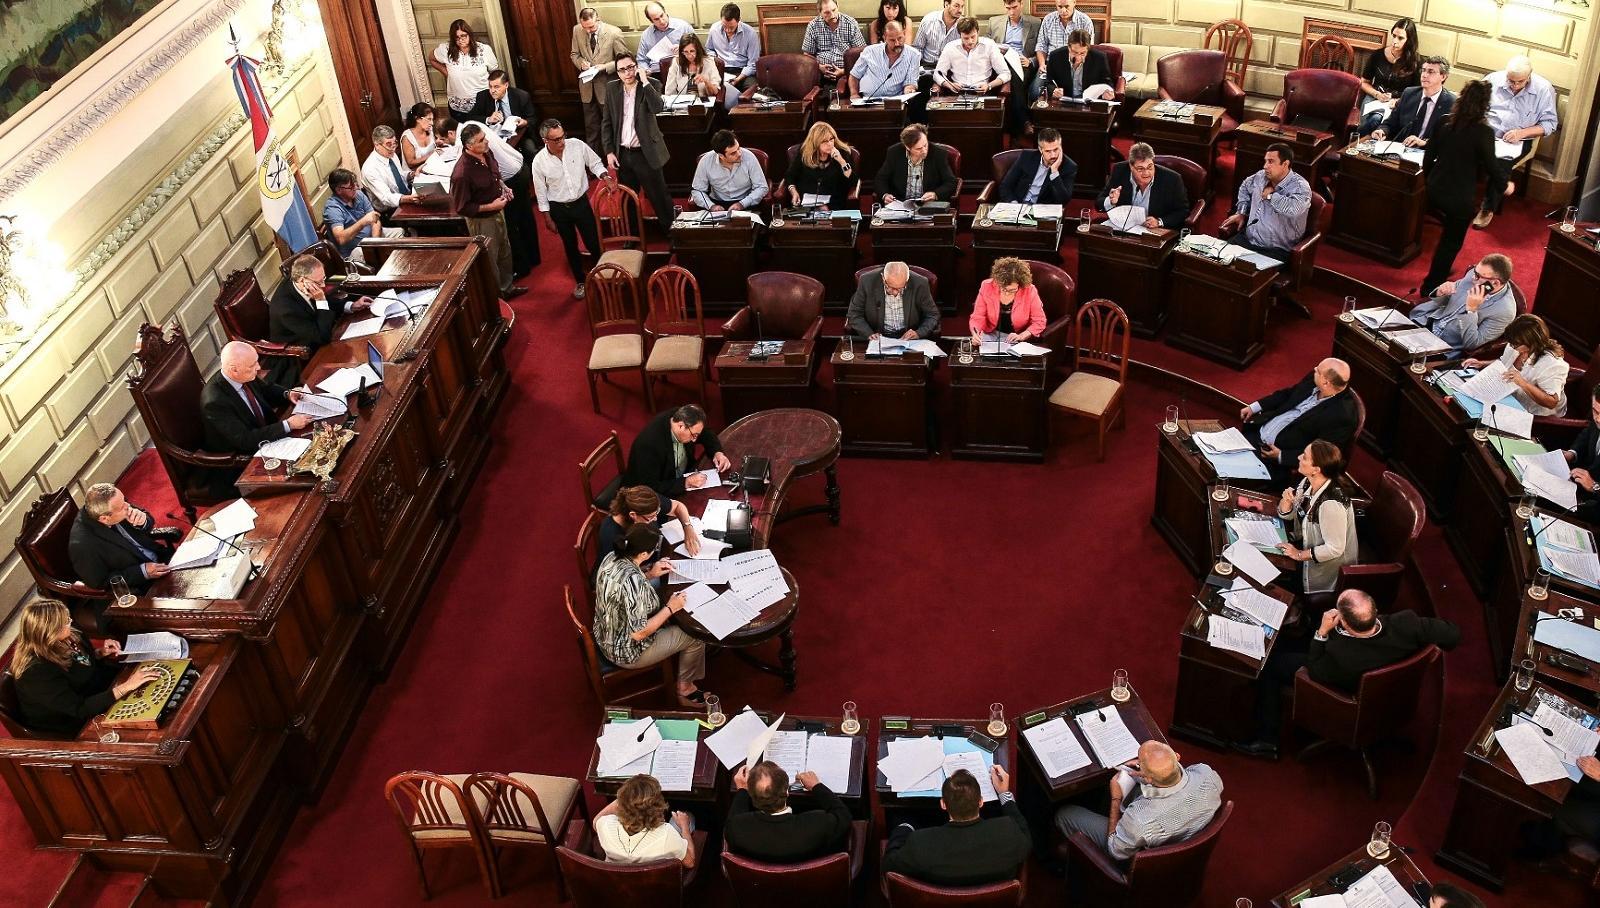 La Legislatura se prepara para debatir el Presupuesto.